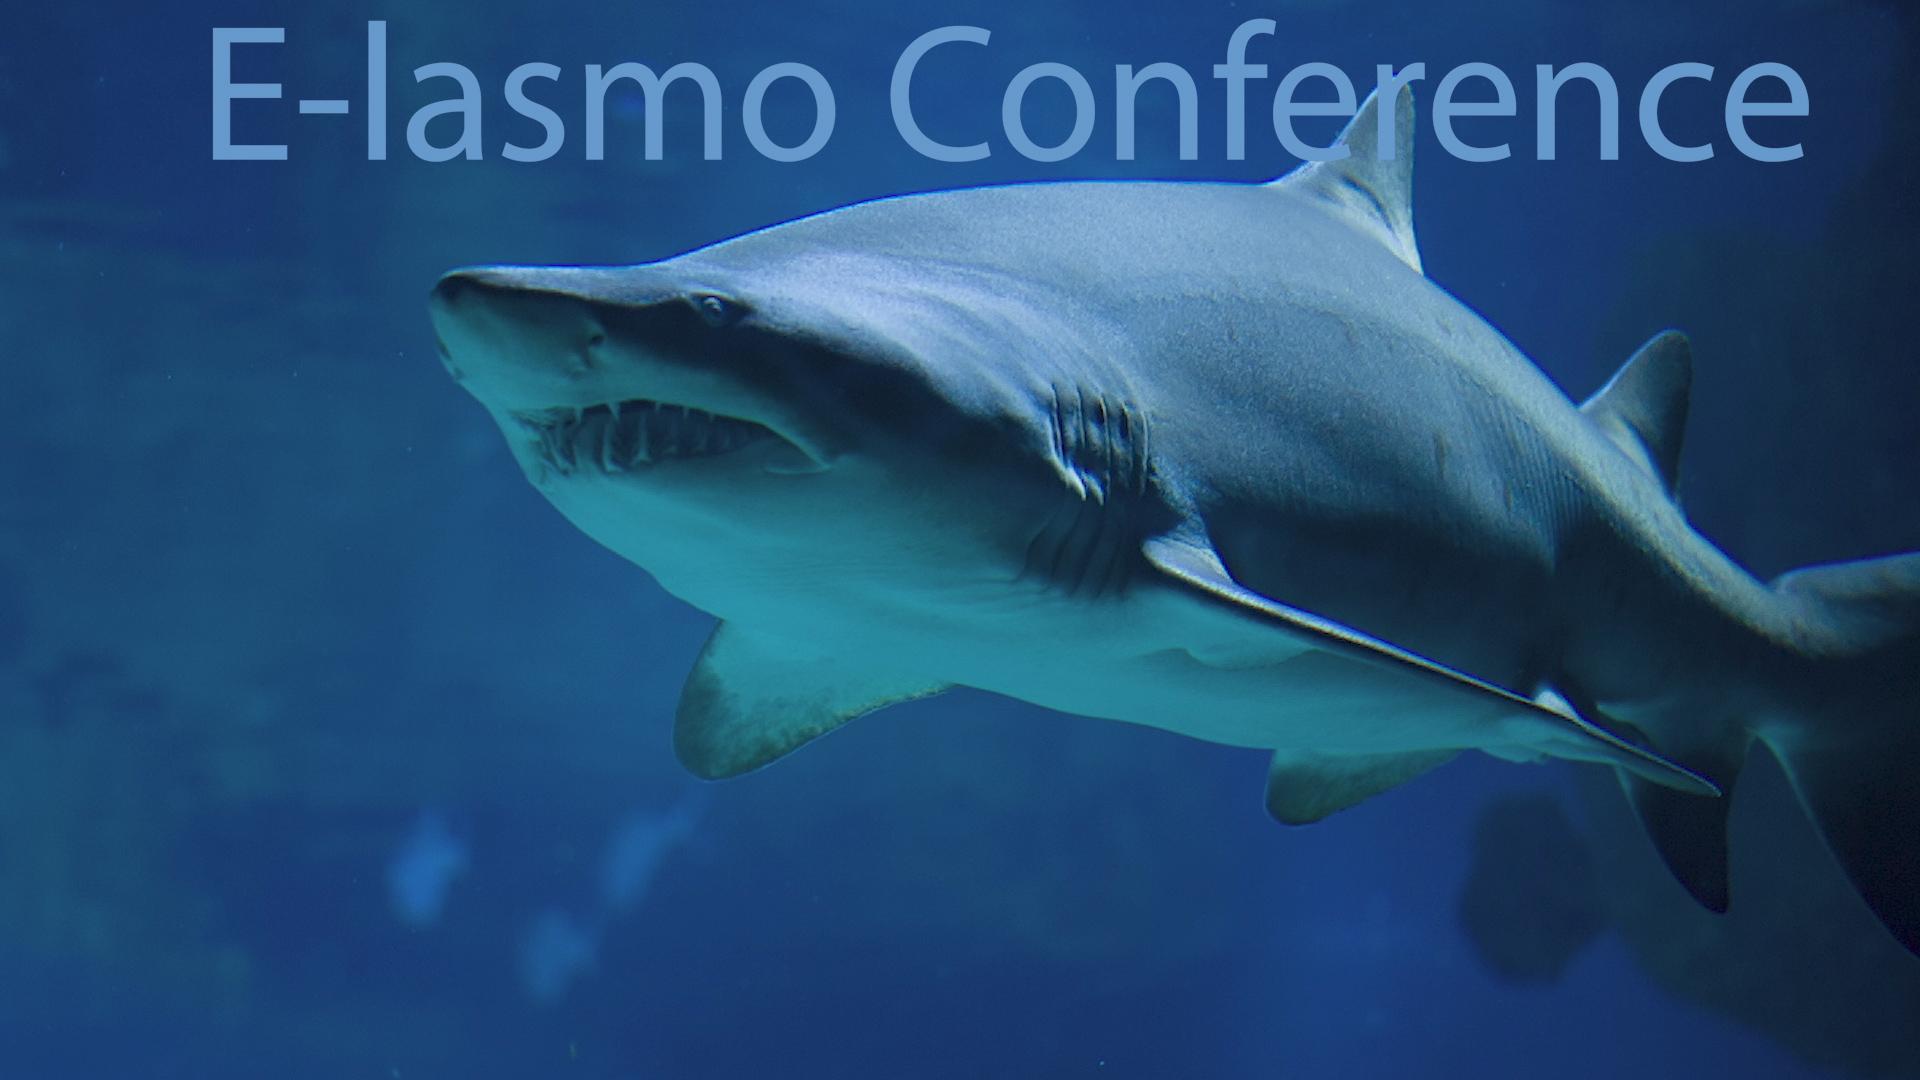 E-lasmo Conference  April 2020